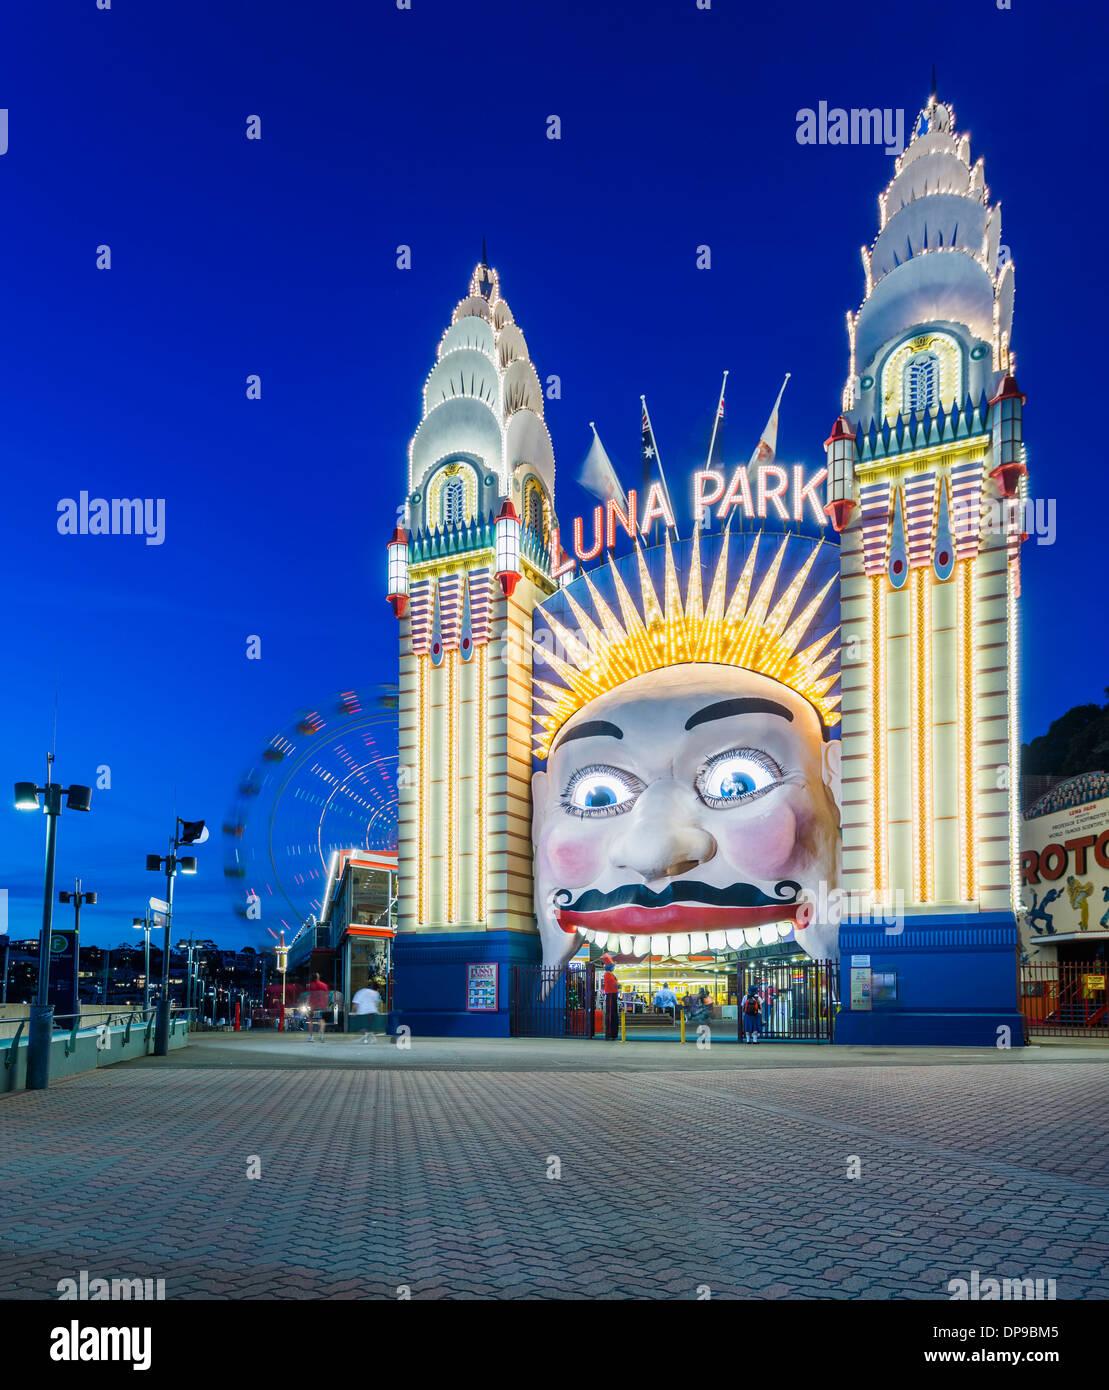 Parque de atracciones Luna Park en la noche, Sydney, Australia. Imagen De Stock